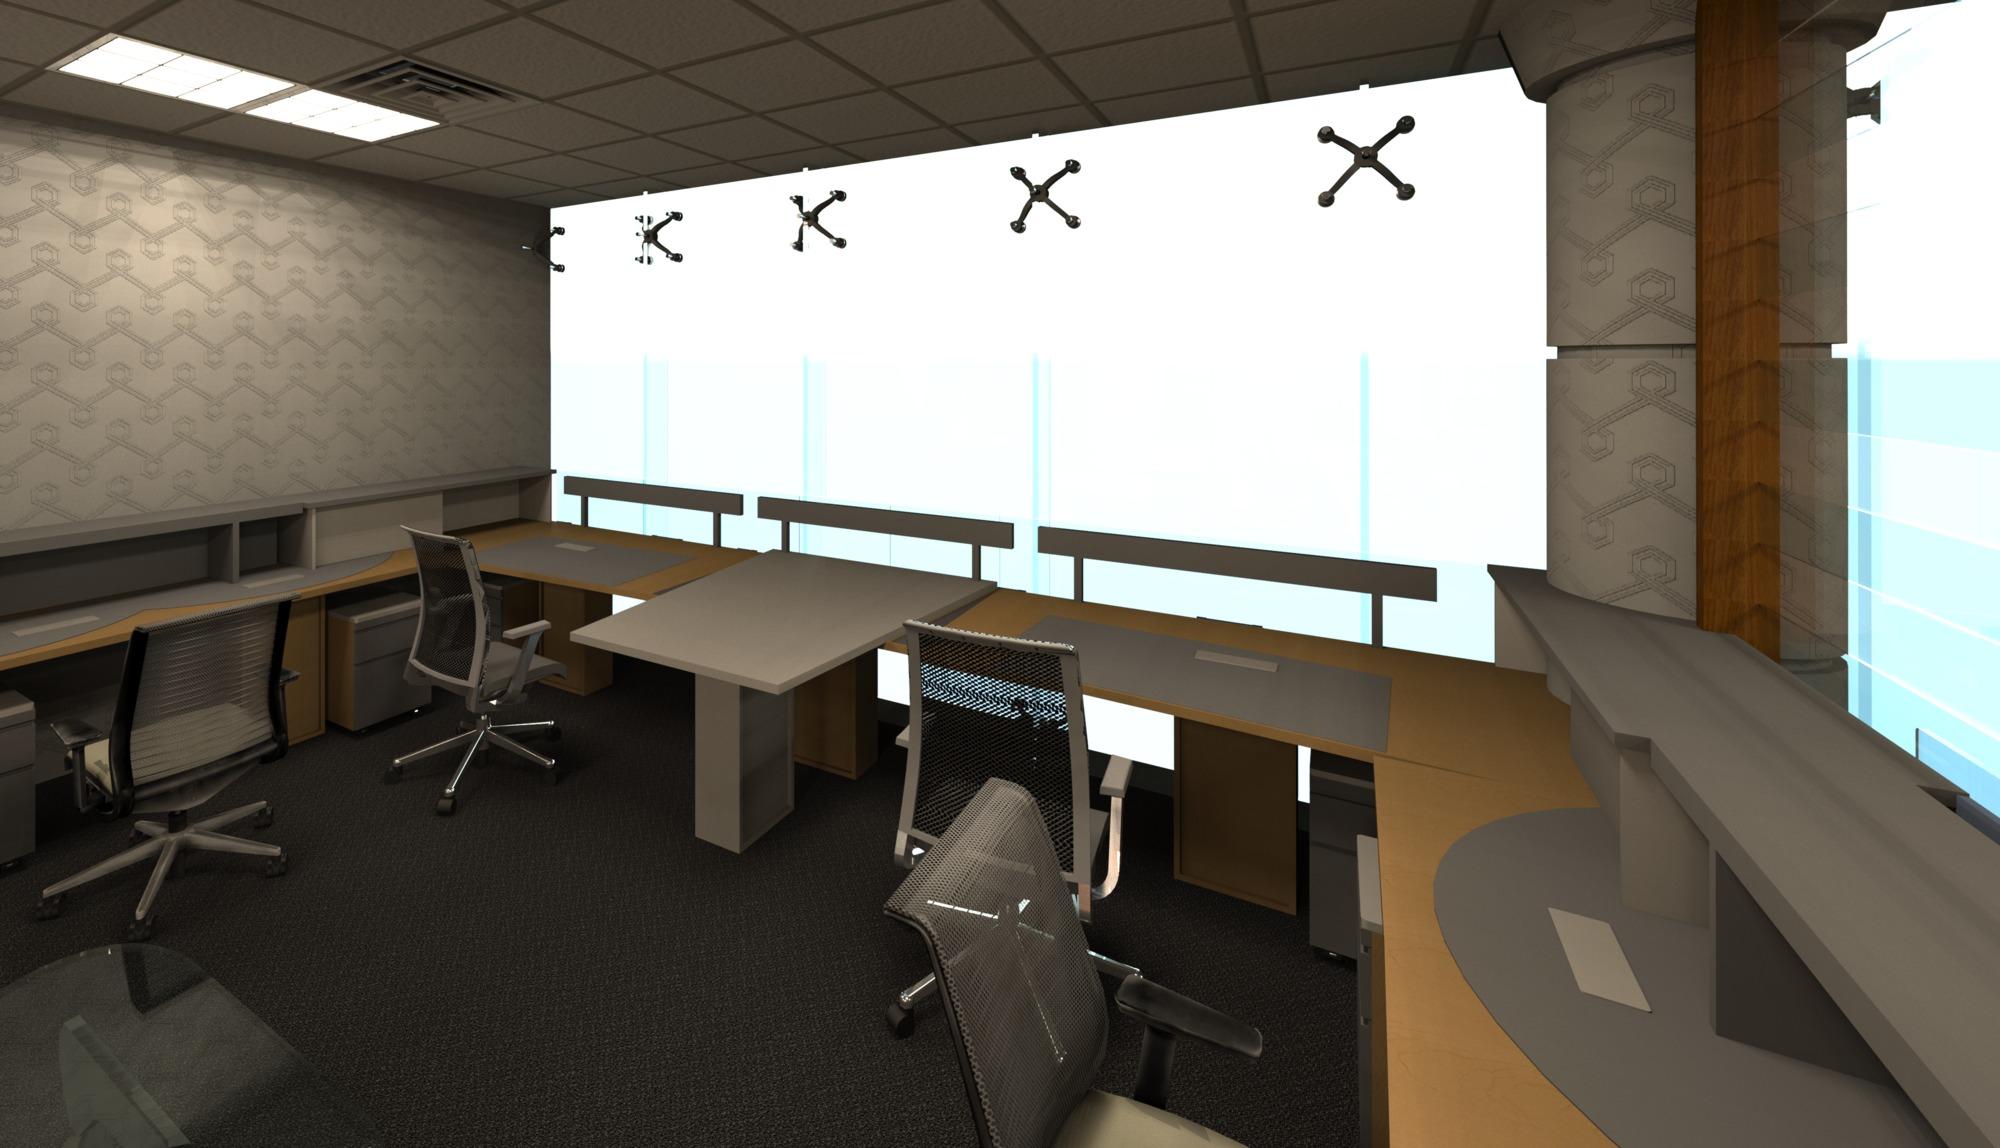 Raas-rendering20141214-30639-18go2nr